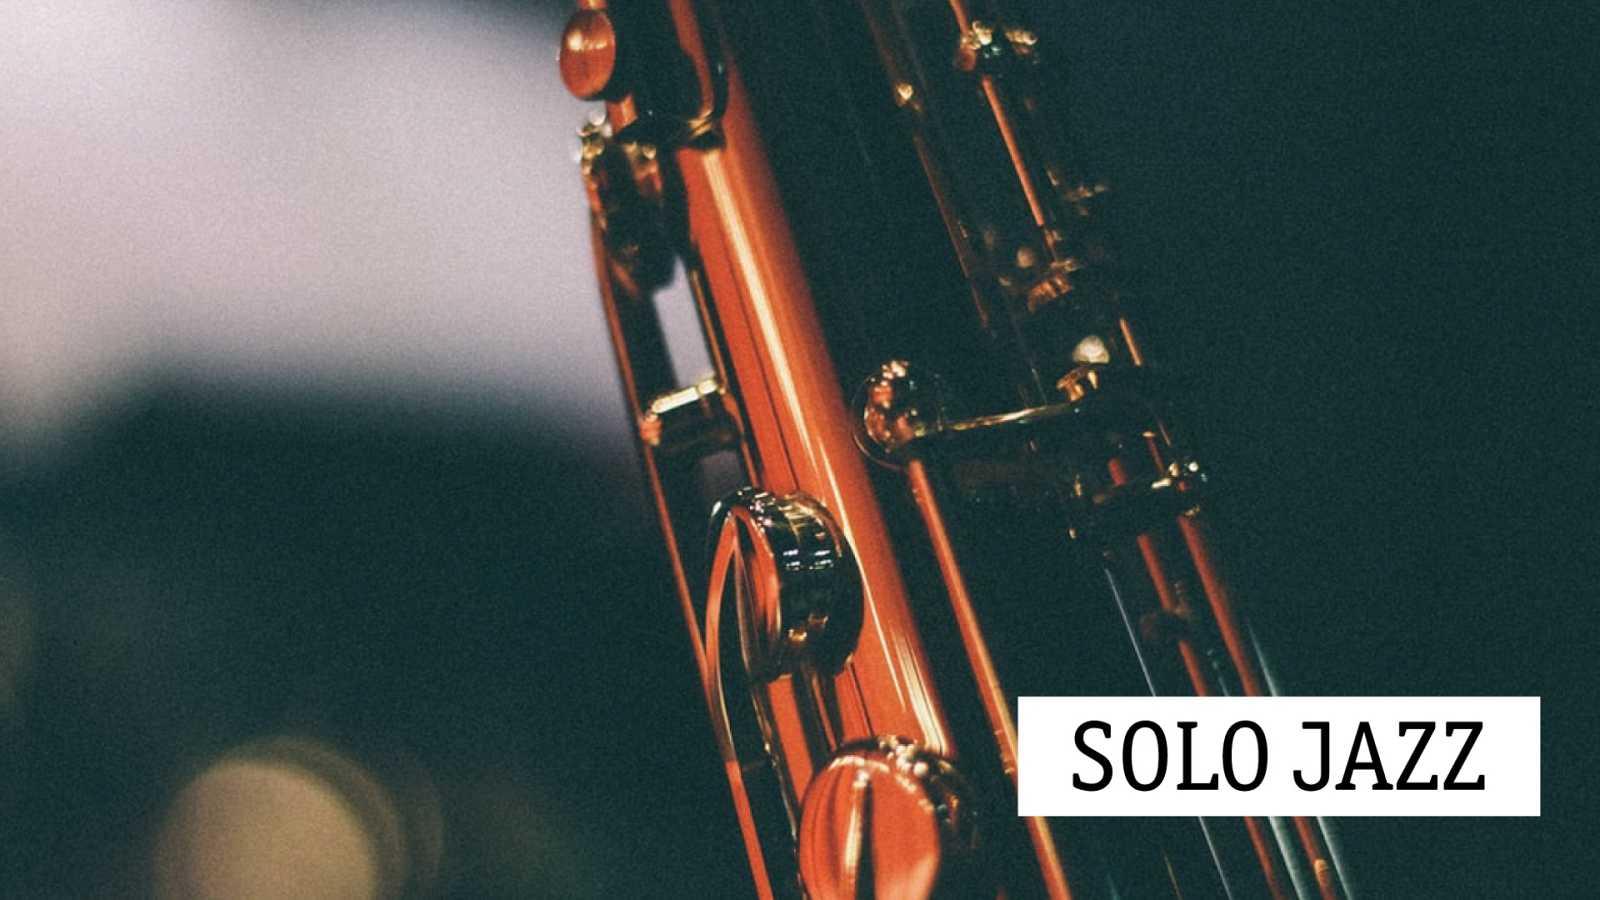 Solo jazz - La caudalosa fuente de inspiración de Broadway - 07/04/21 - escuchar ahora